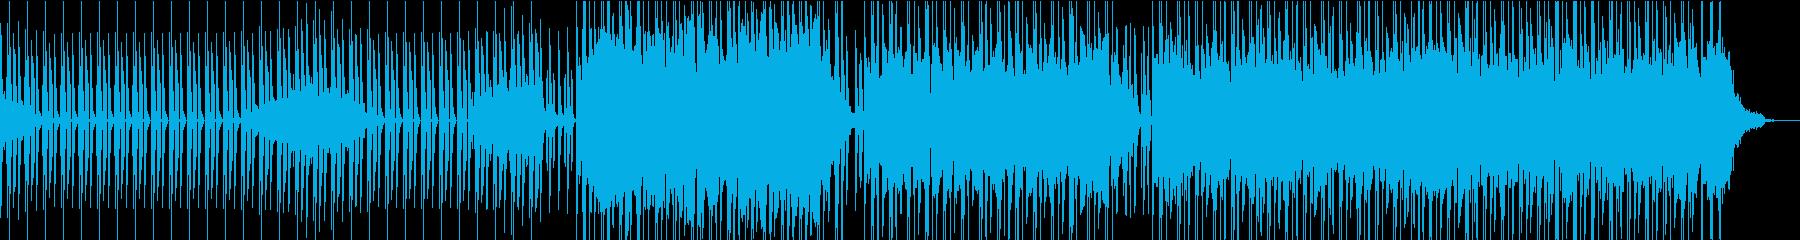 無機質なプログレッシブハウスの再生済みの波形